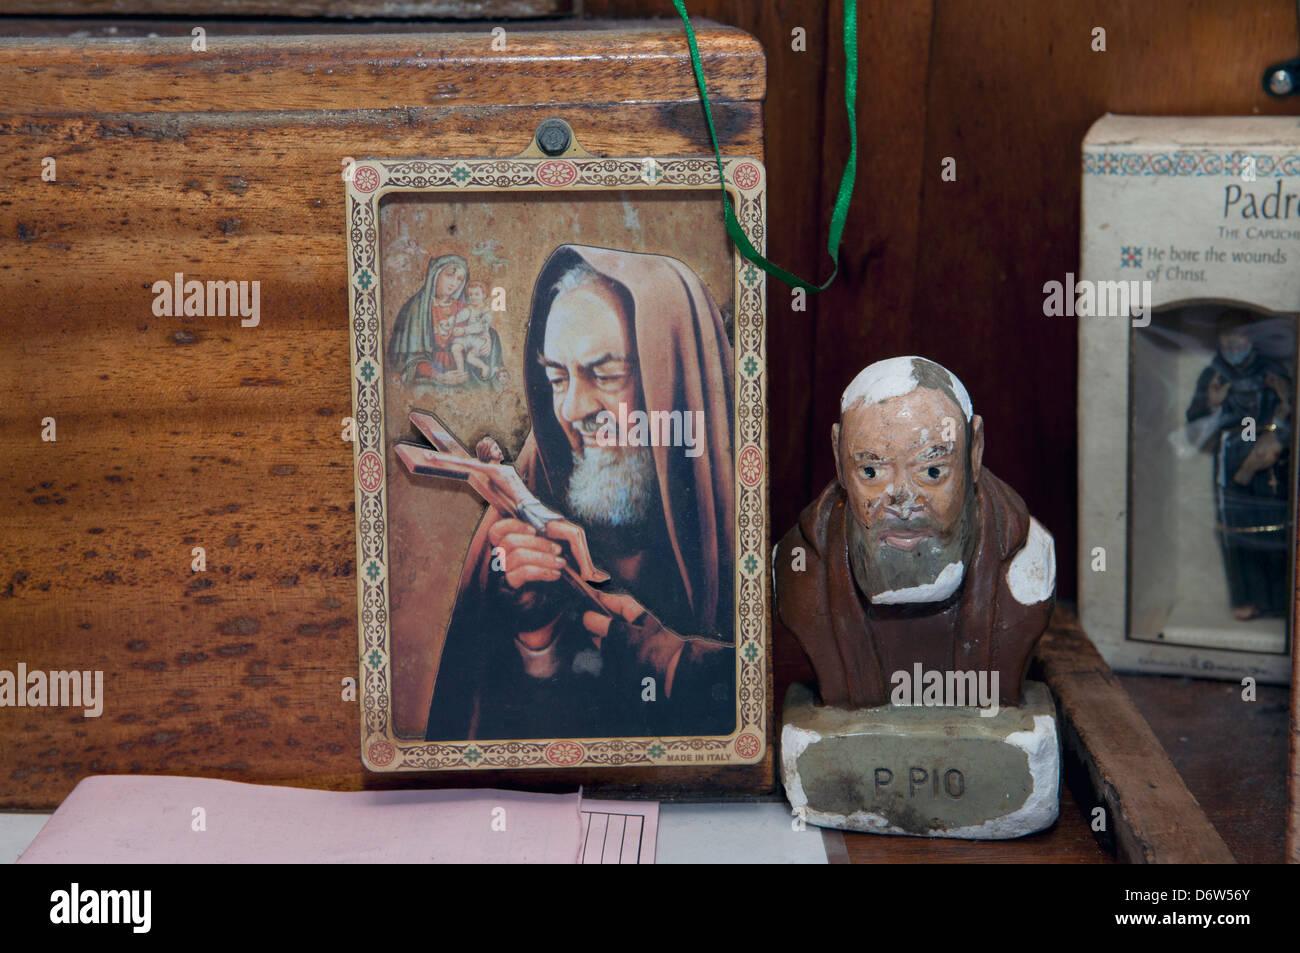 Padre Pio Santo di pescatori commerciali. Stellwagen banche, New England, Stati Uniti, Oceano Atlantico settentrionale Immagini Stock